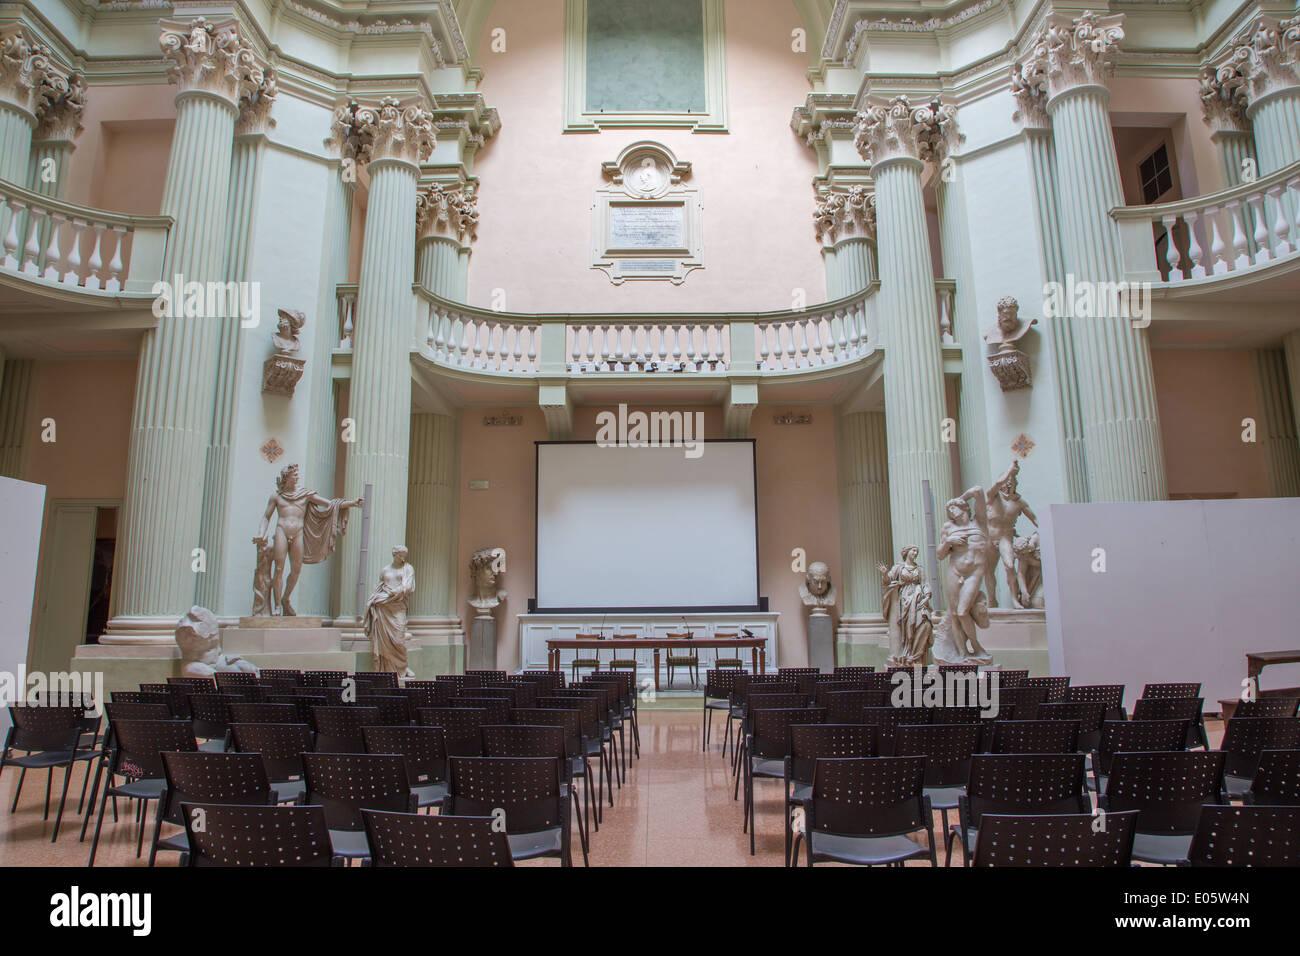 BOLOGNA, ITALY - MARCH 17, 2014: Aula of 'Accademia di Belle Arti' in Bologna - Stock Image